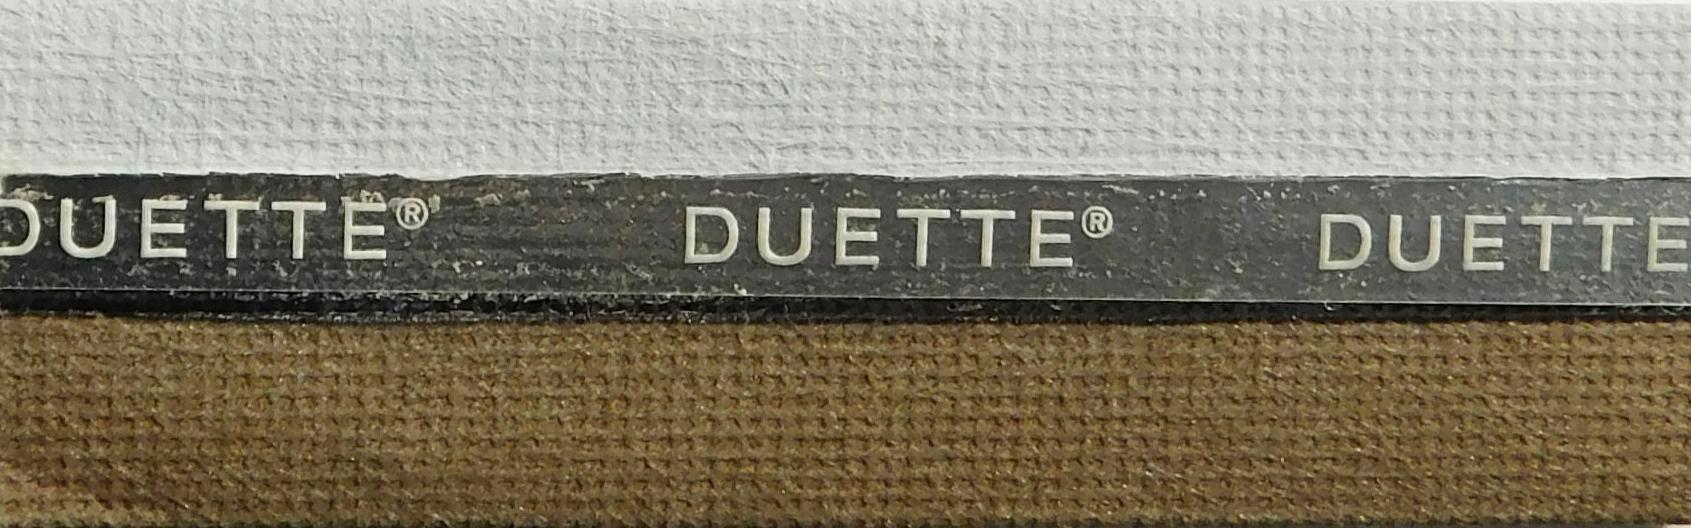 Unix Tusk Duette Blackout Fire Resistant Blind fabric